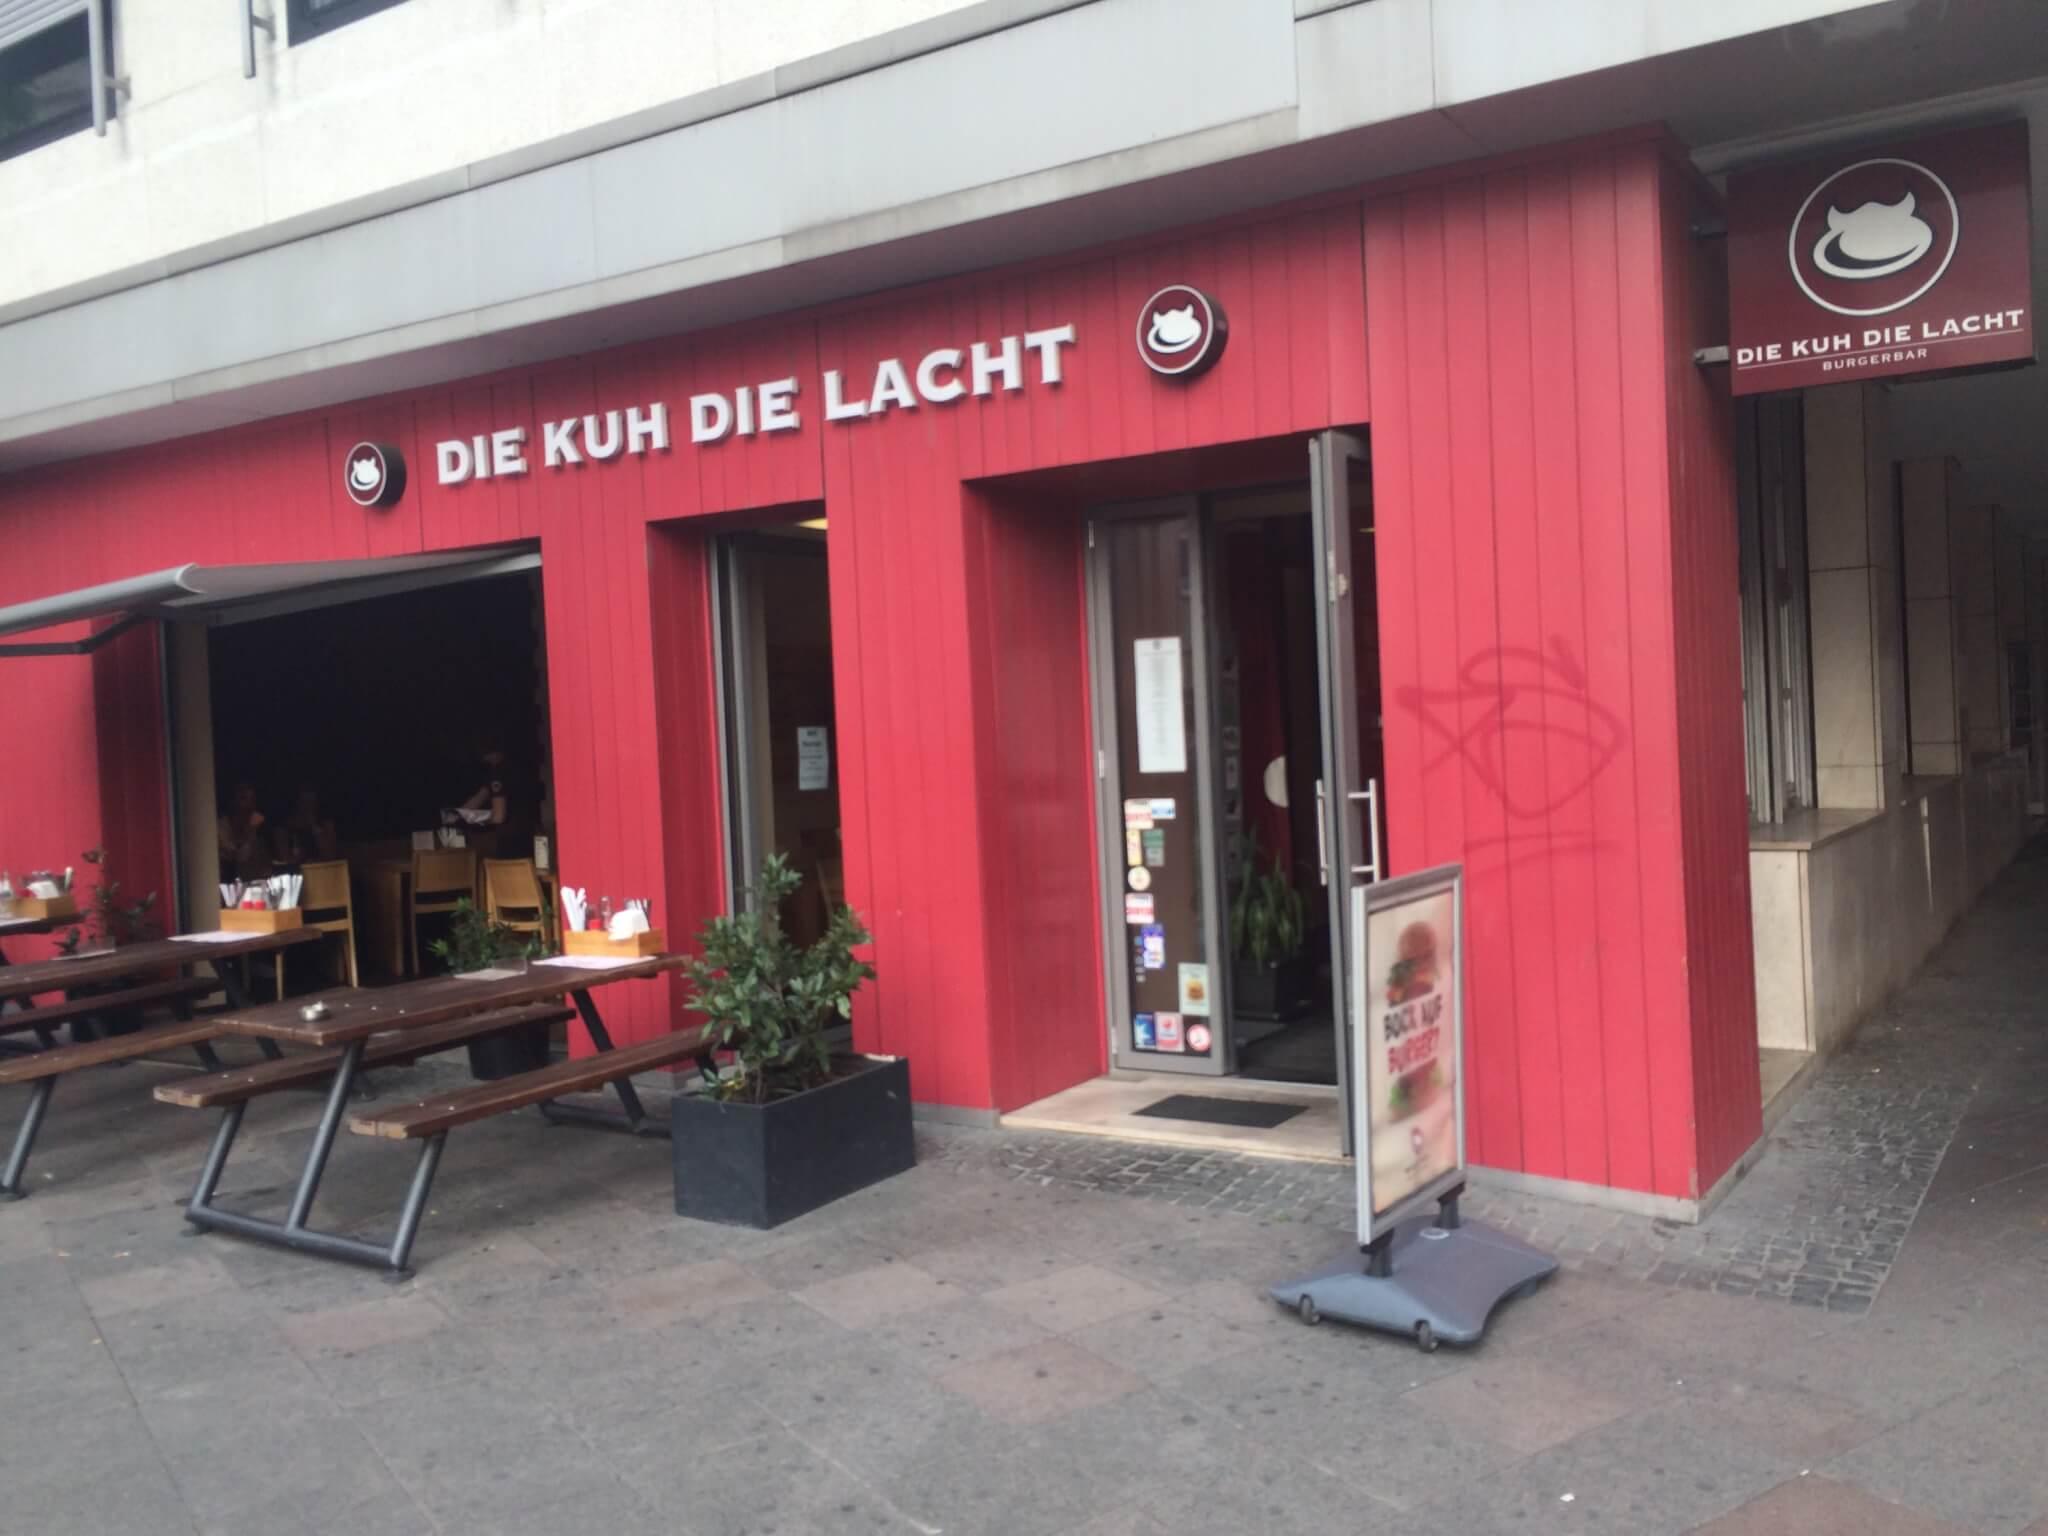 Kuh die lacht, Frankfurt, Germany